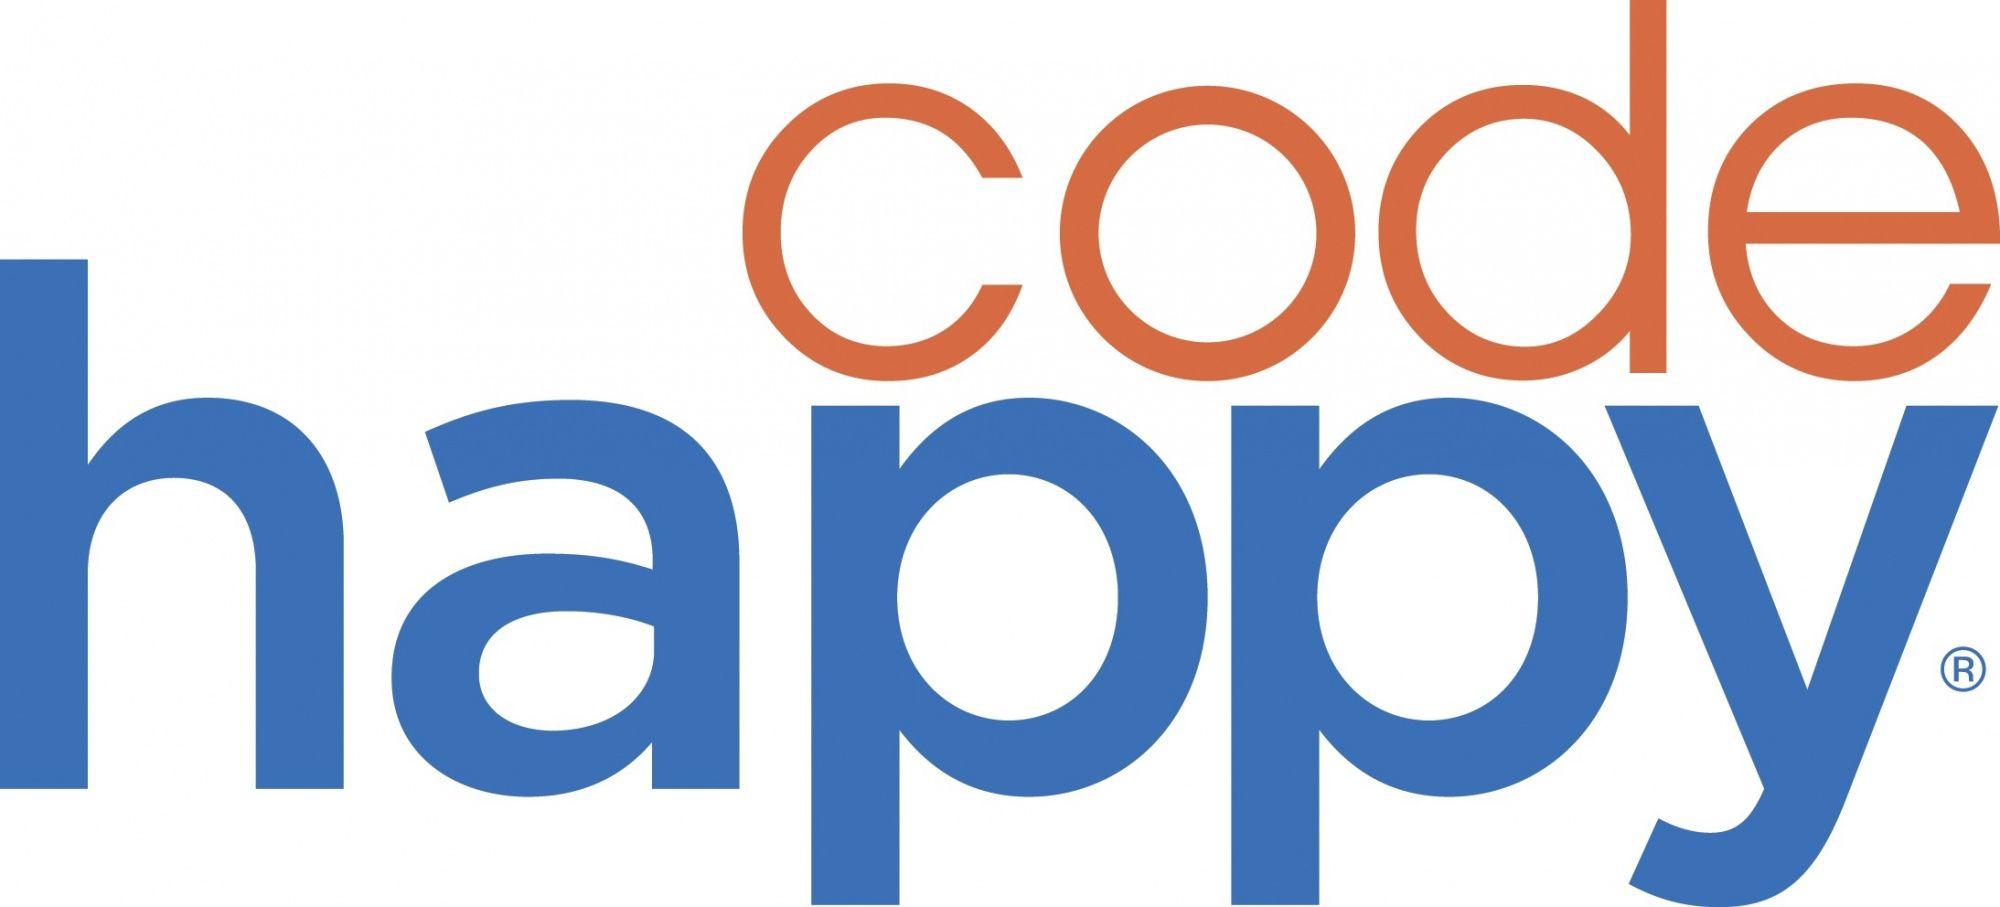 Начните рабочий день в одежде Code Happy!